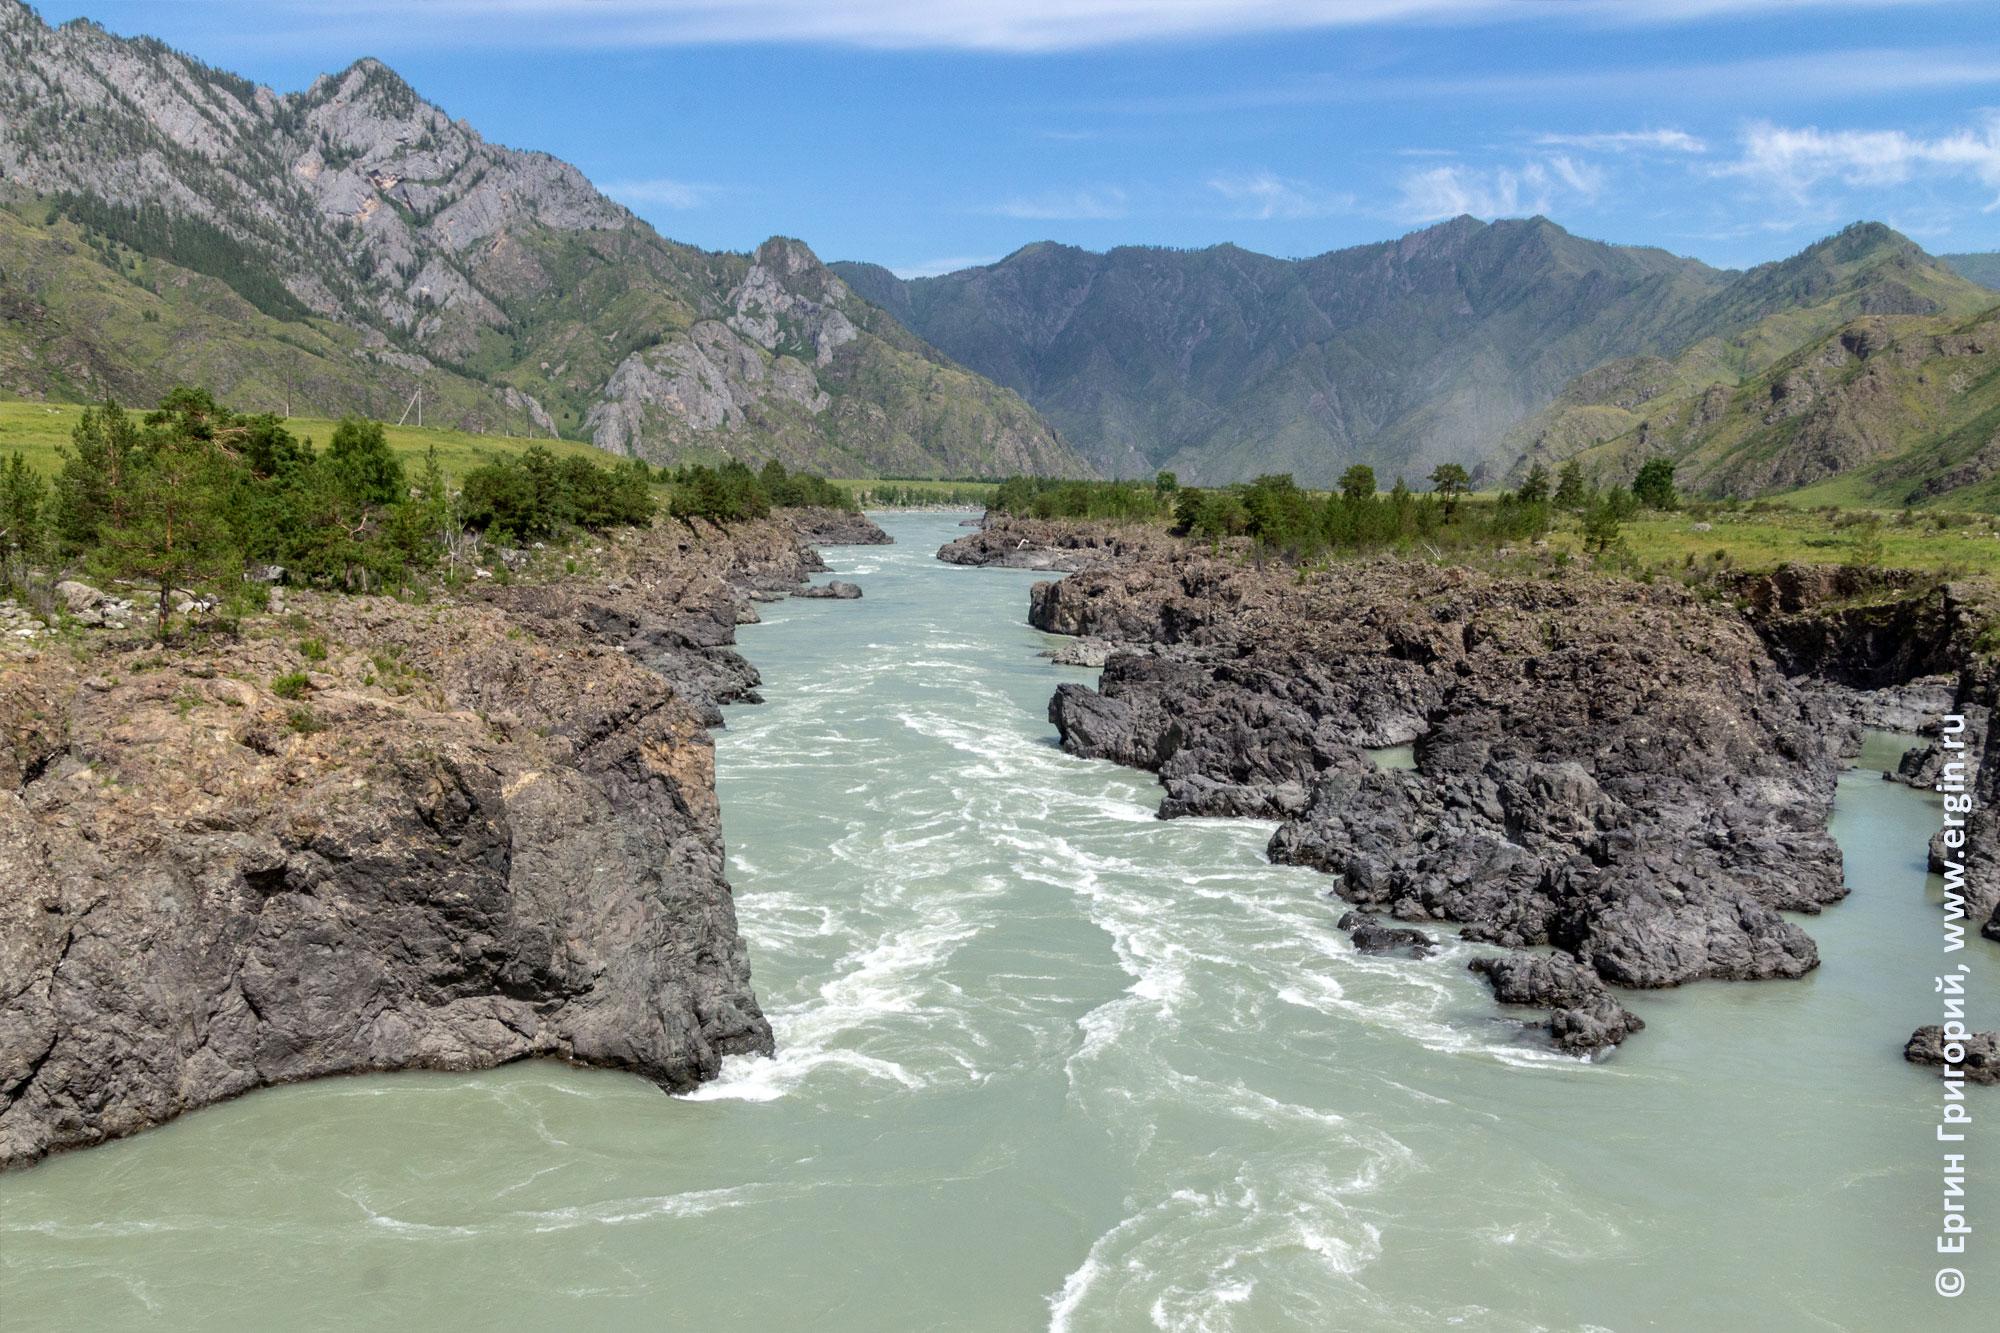 Порог Пни река Катунь Алтай